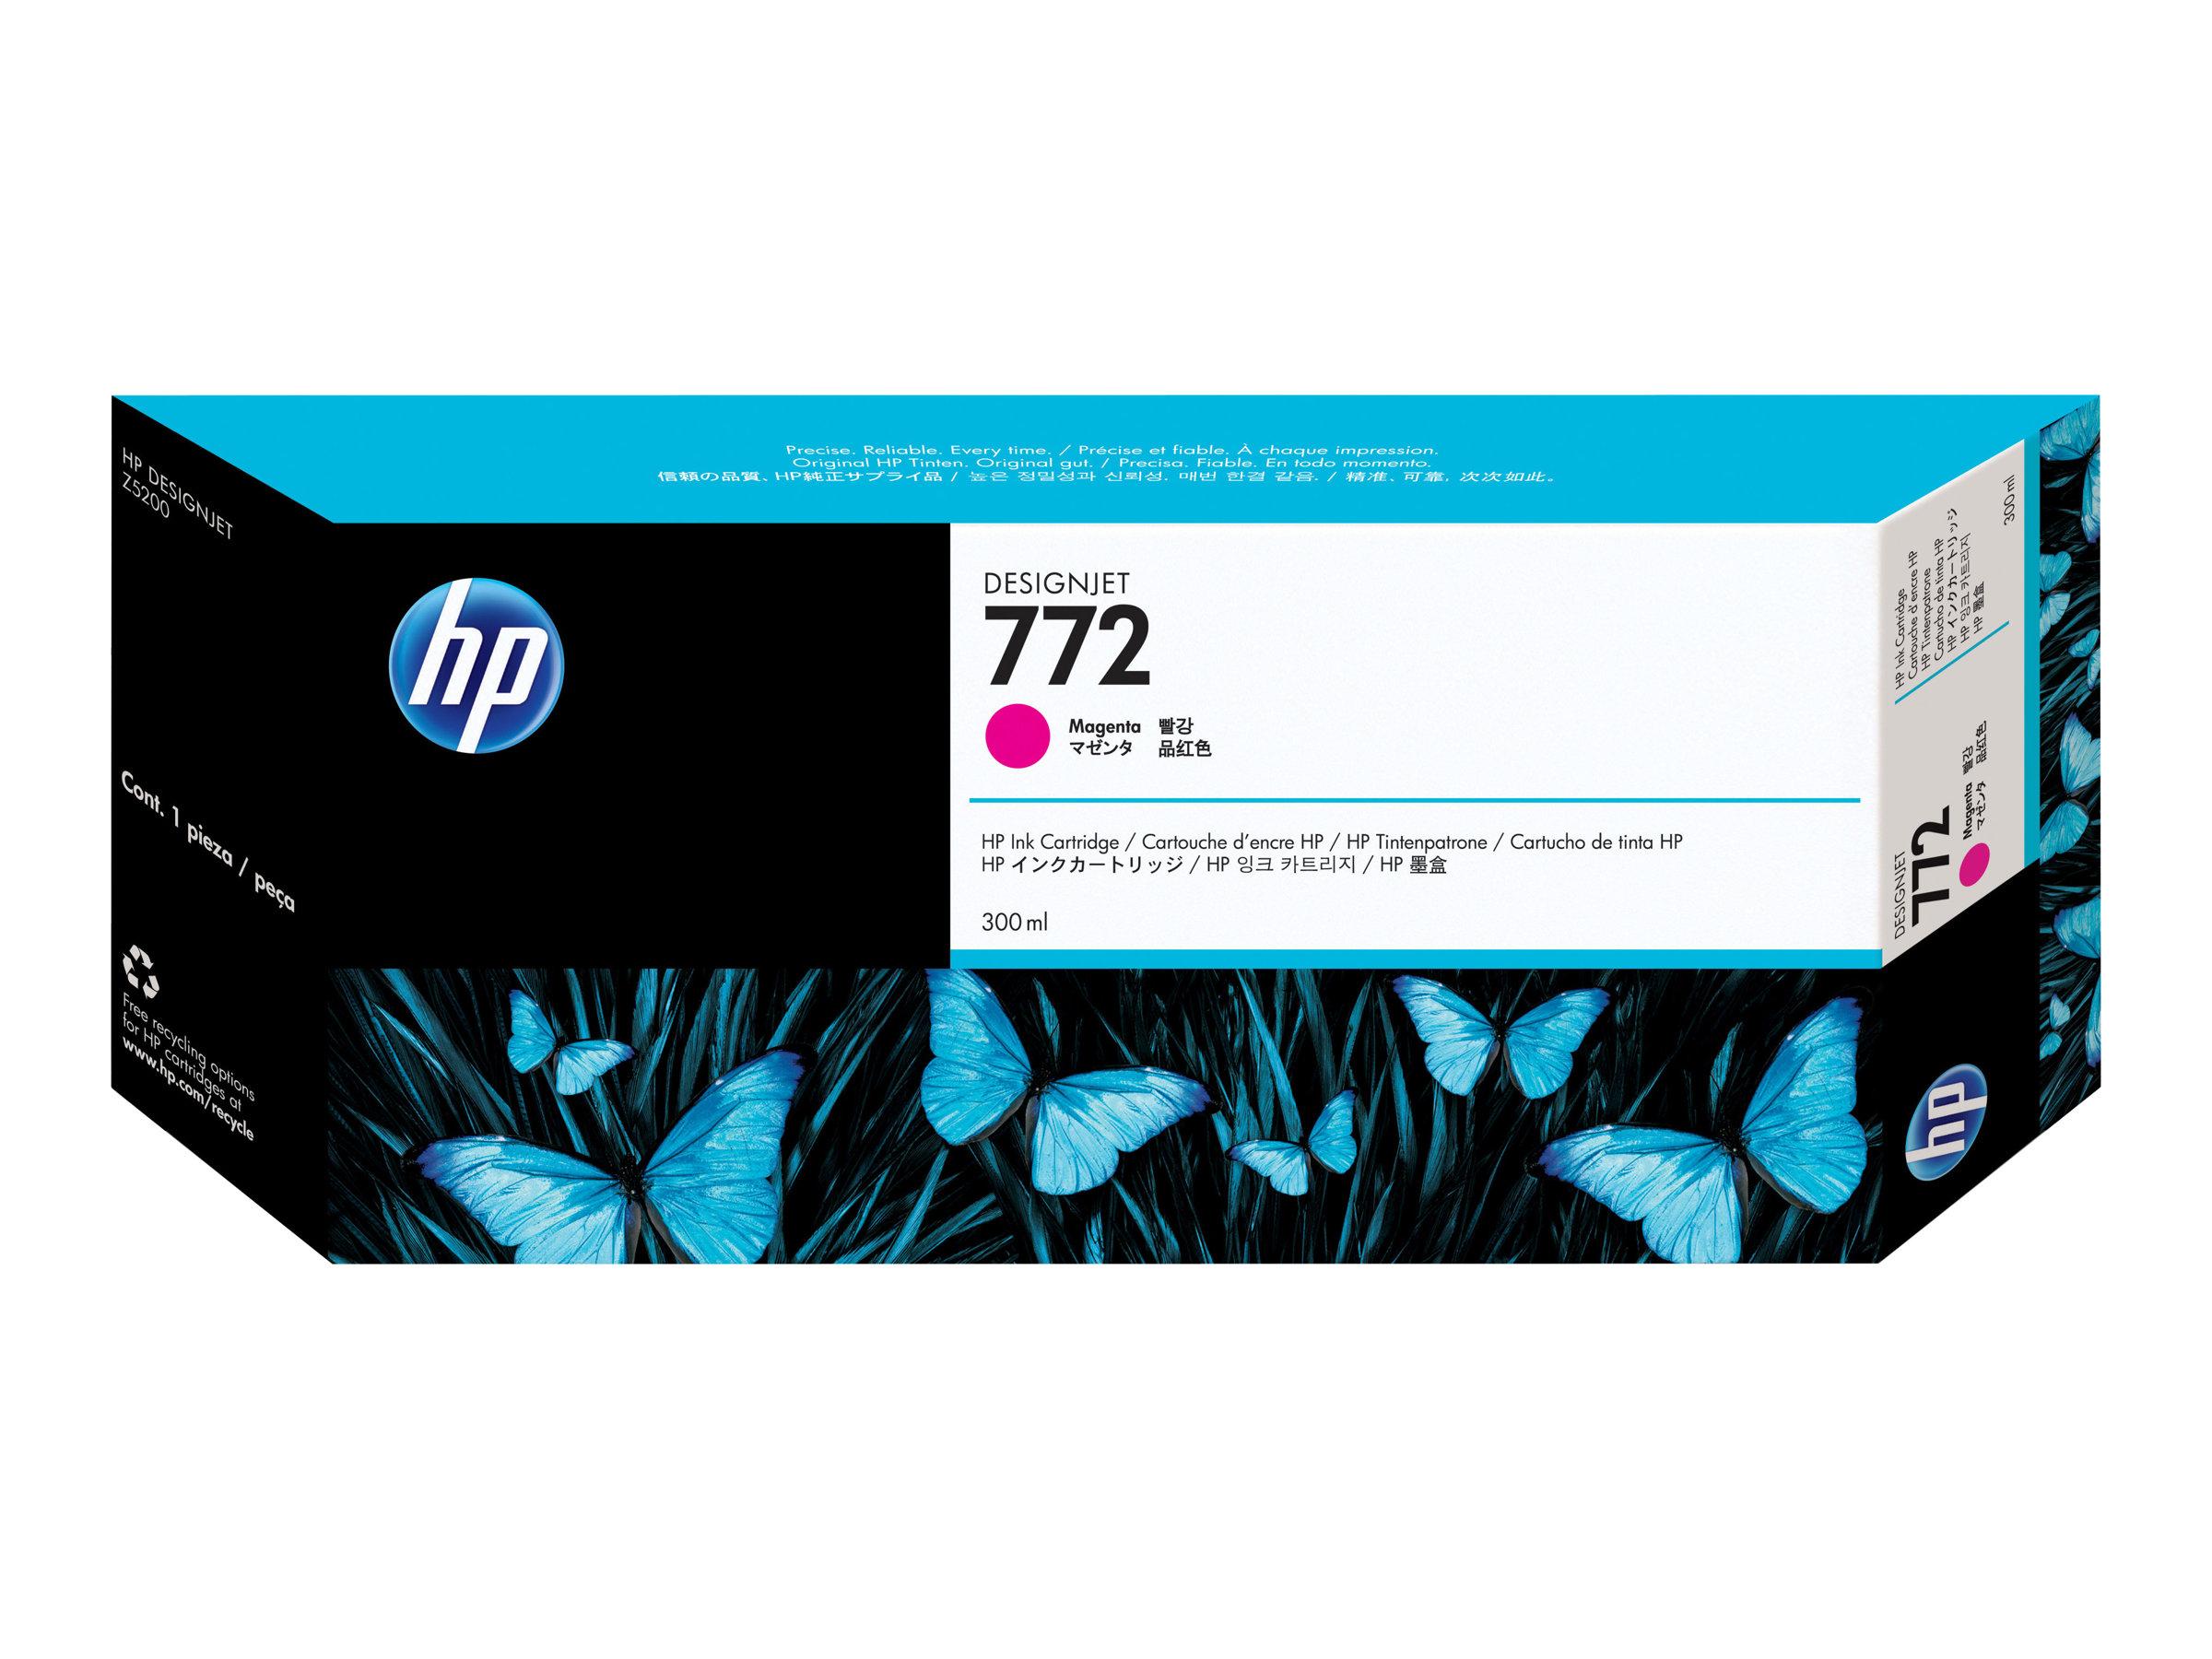 HP 772 - magenta - originale - cartouche d'encre